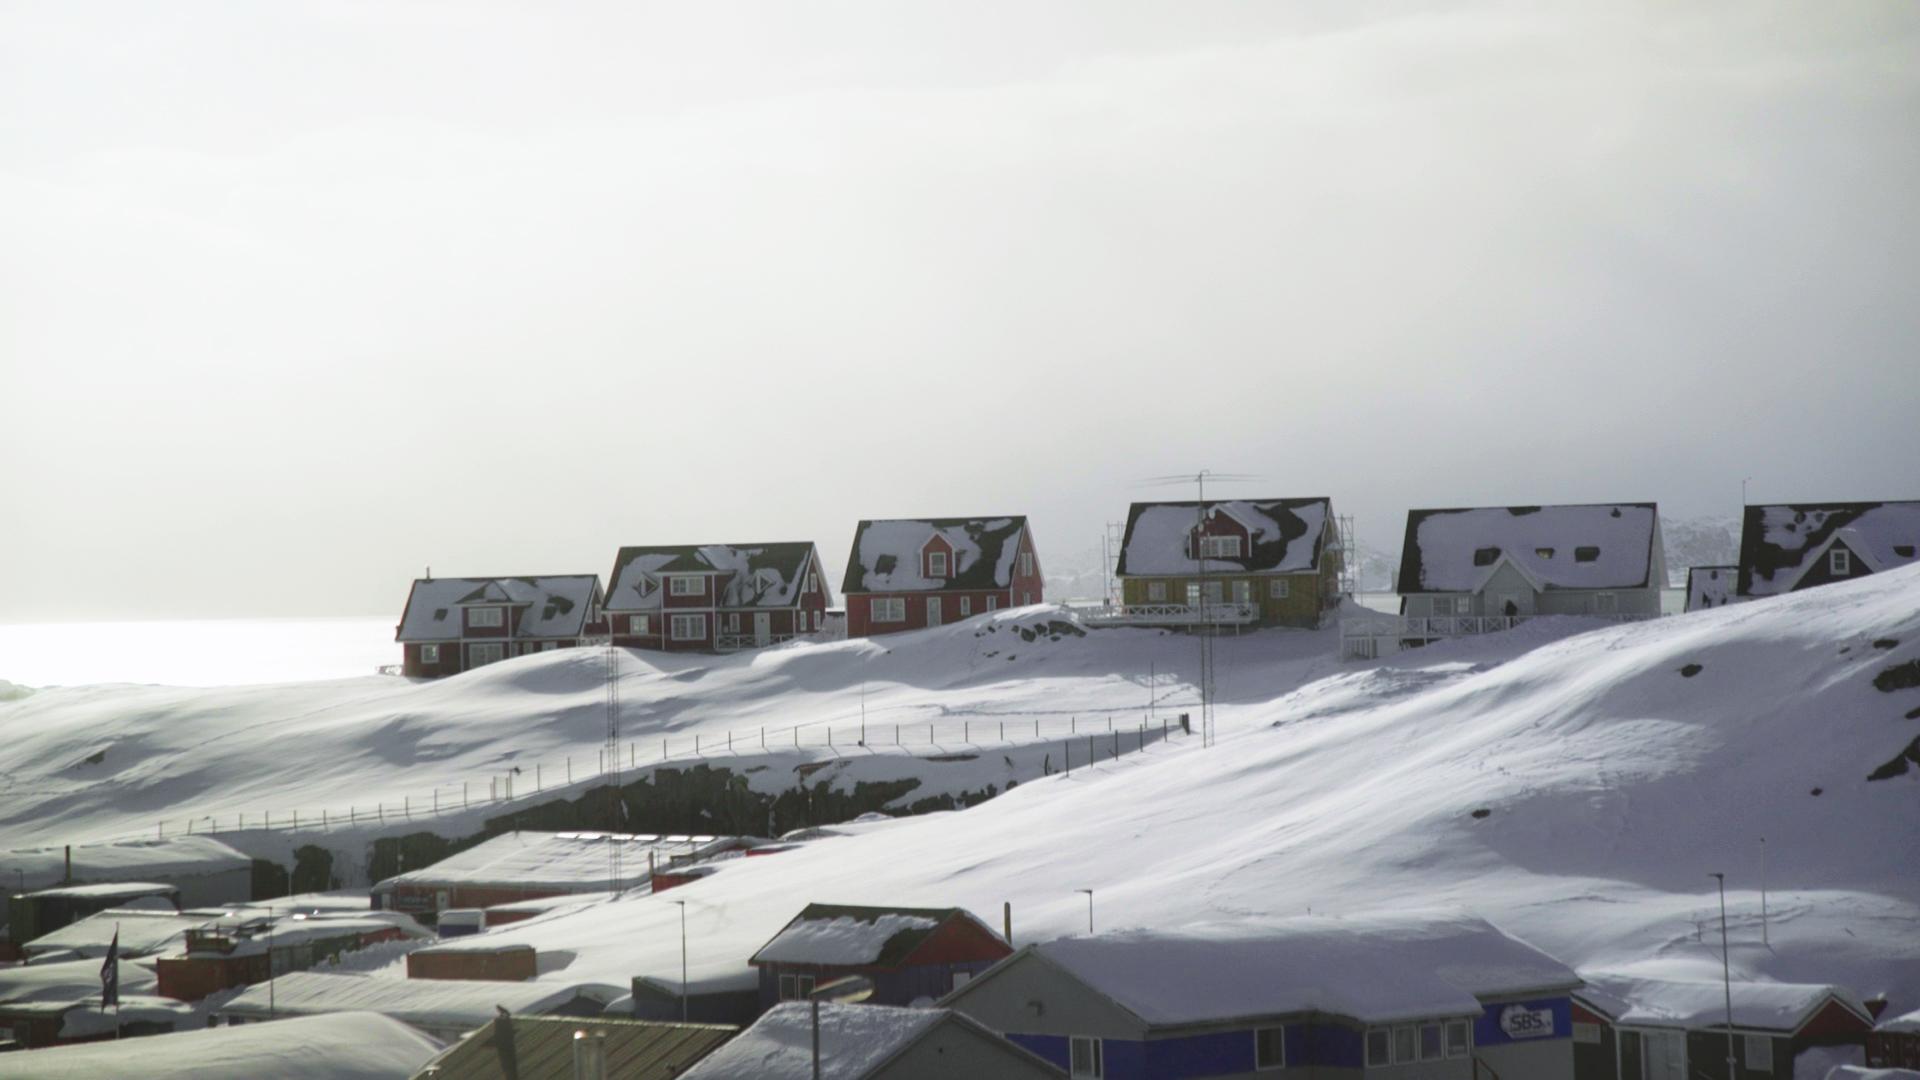 ArcticGreensFestStill_2.jpg